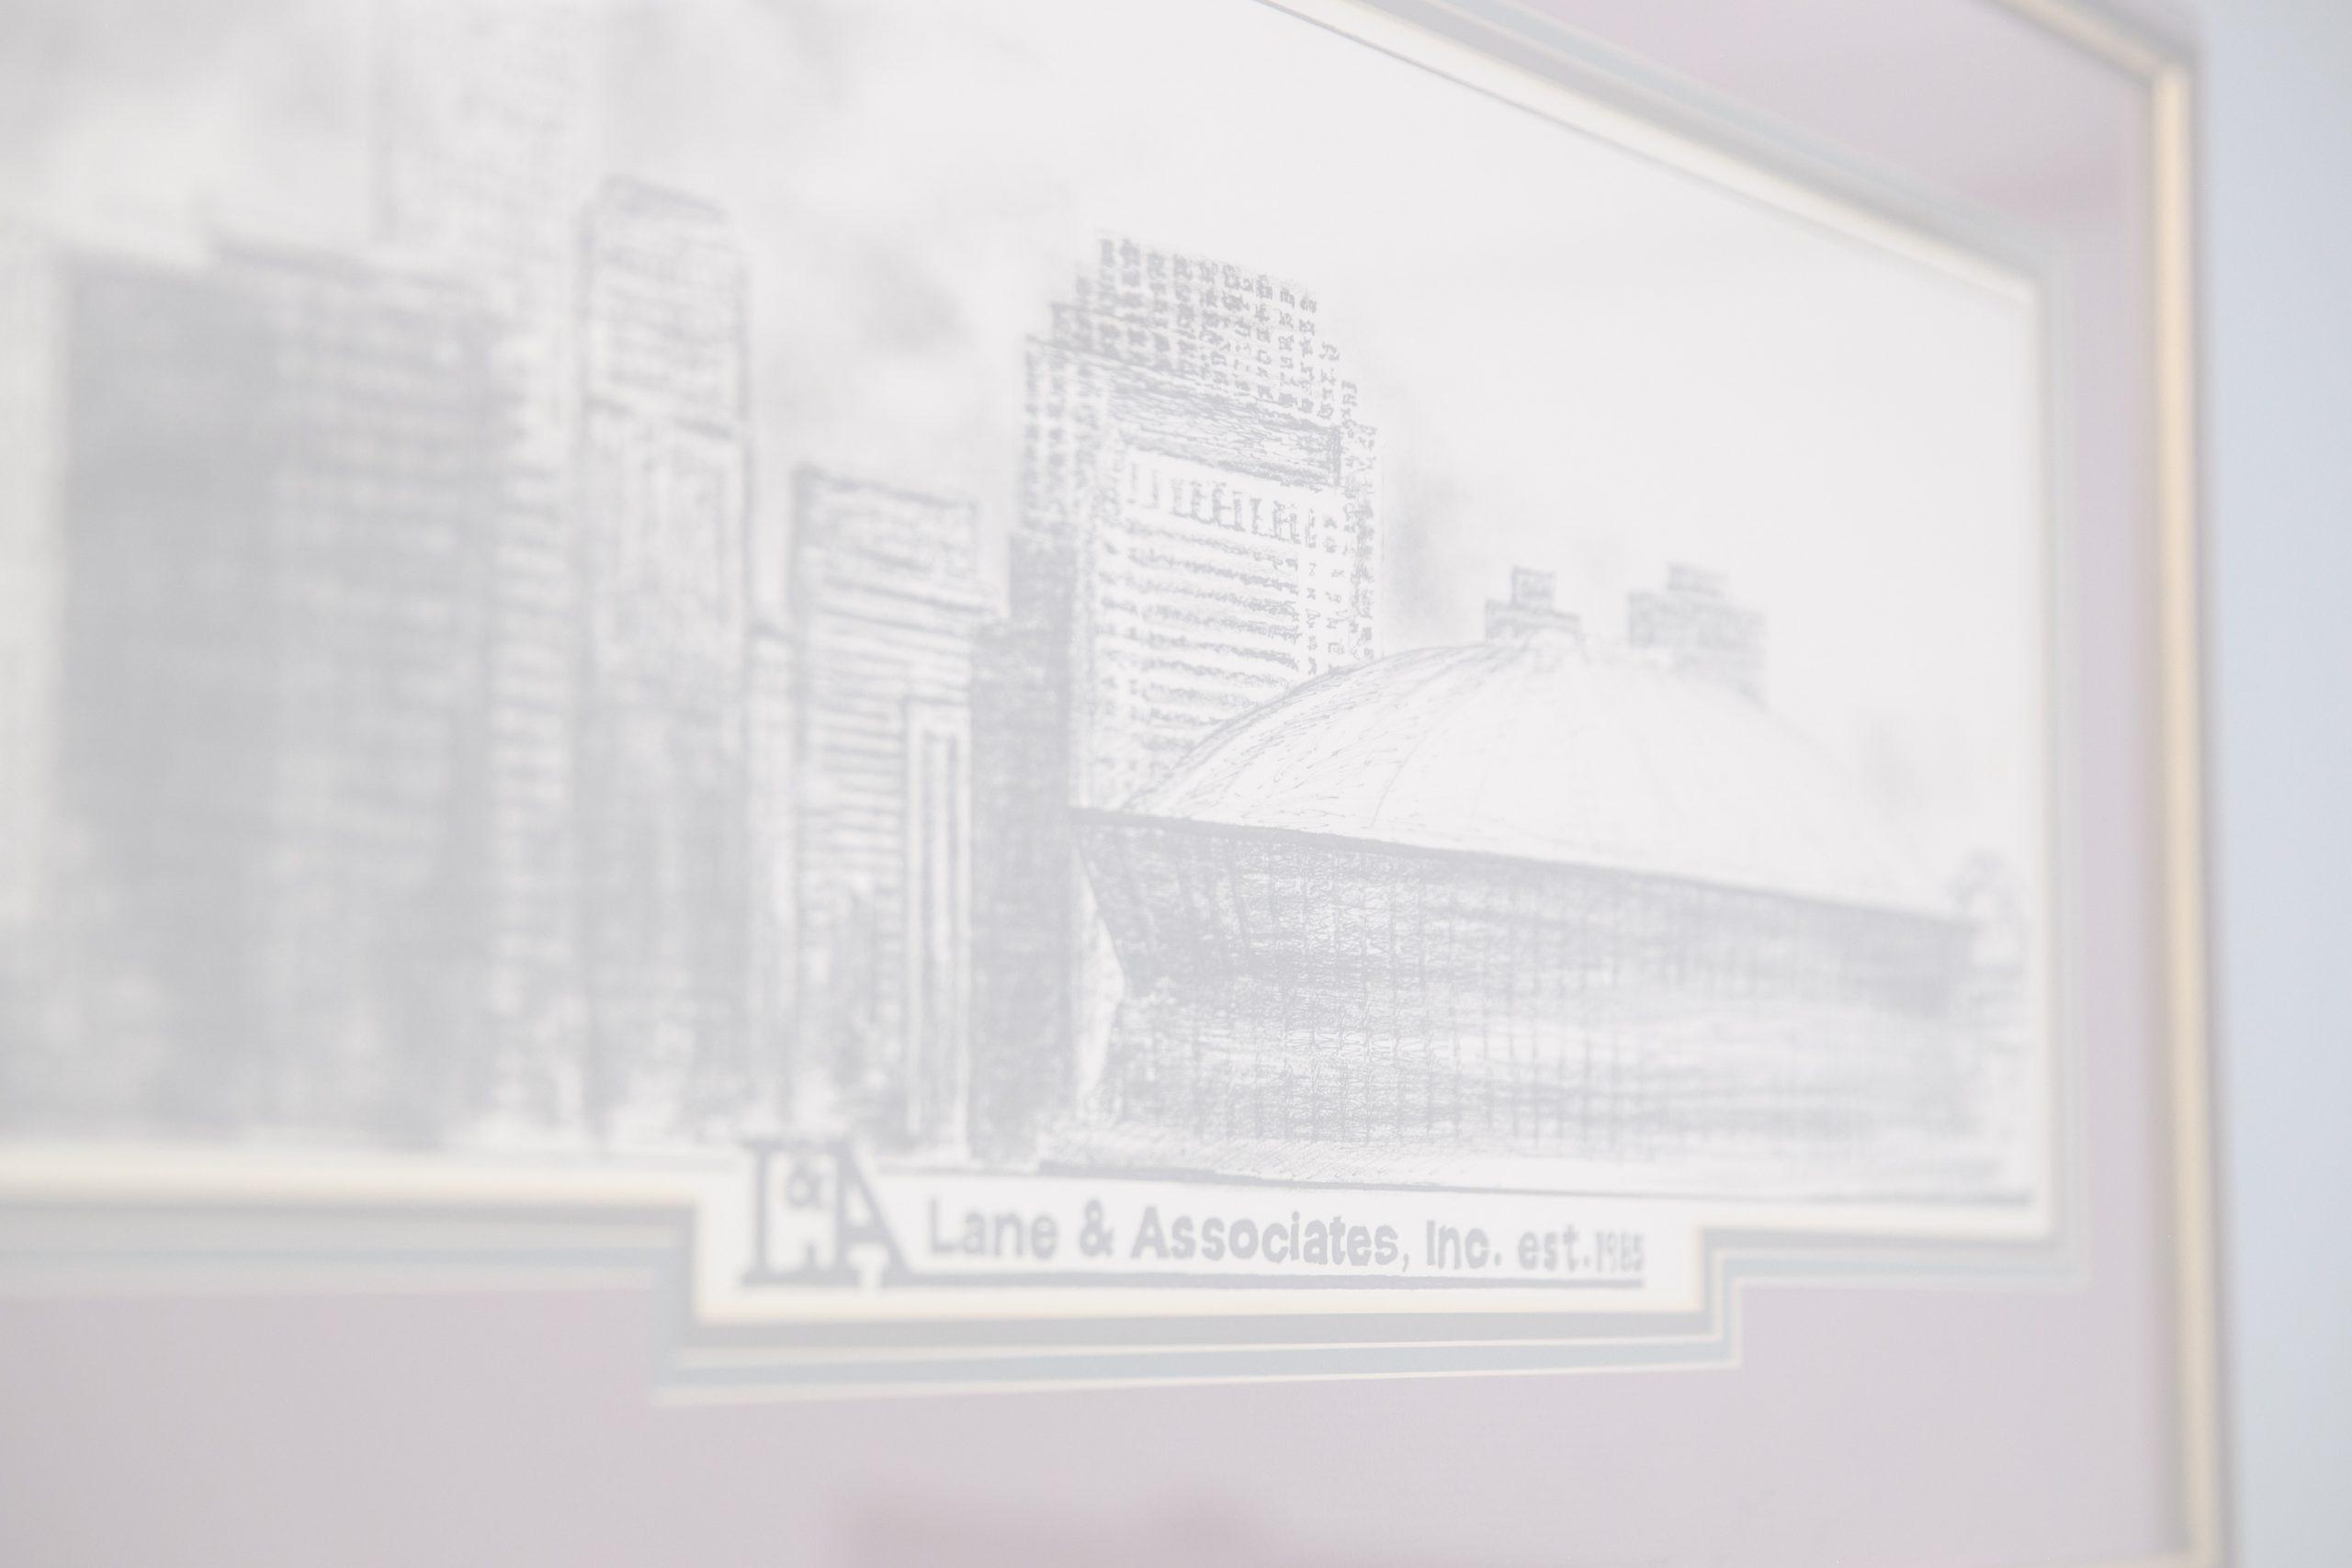 L&A Home 3